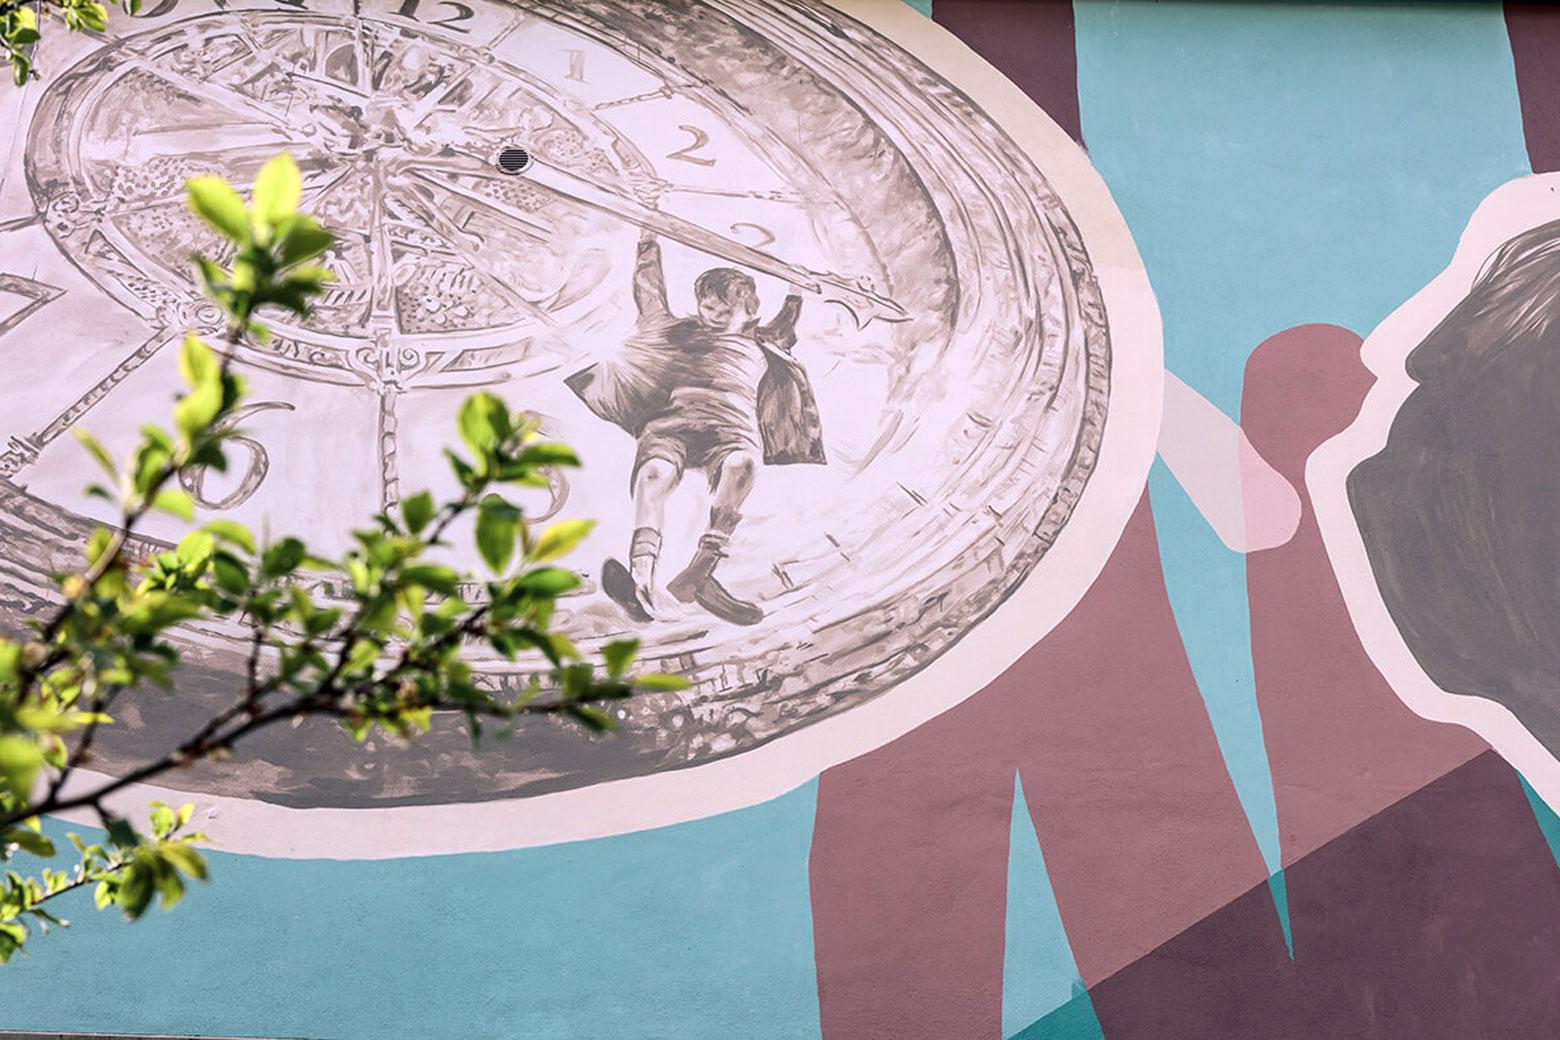 Künstler Viktor Sobek hat in Kooperation mit Schülern aus Stadt Bleicherode die Fassade gestaltet